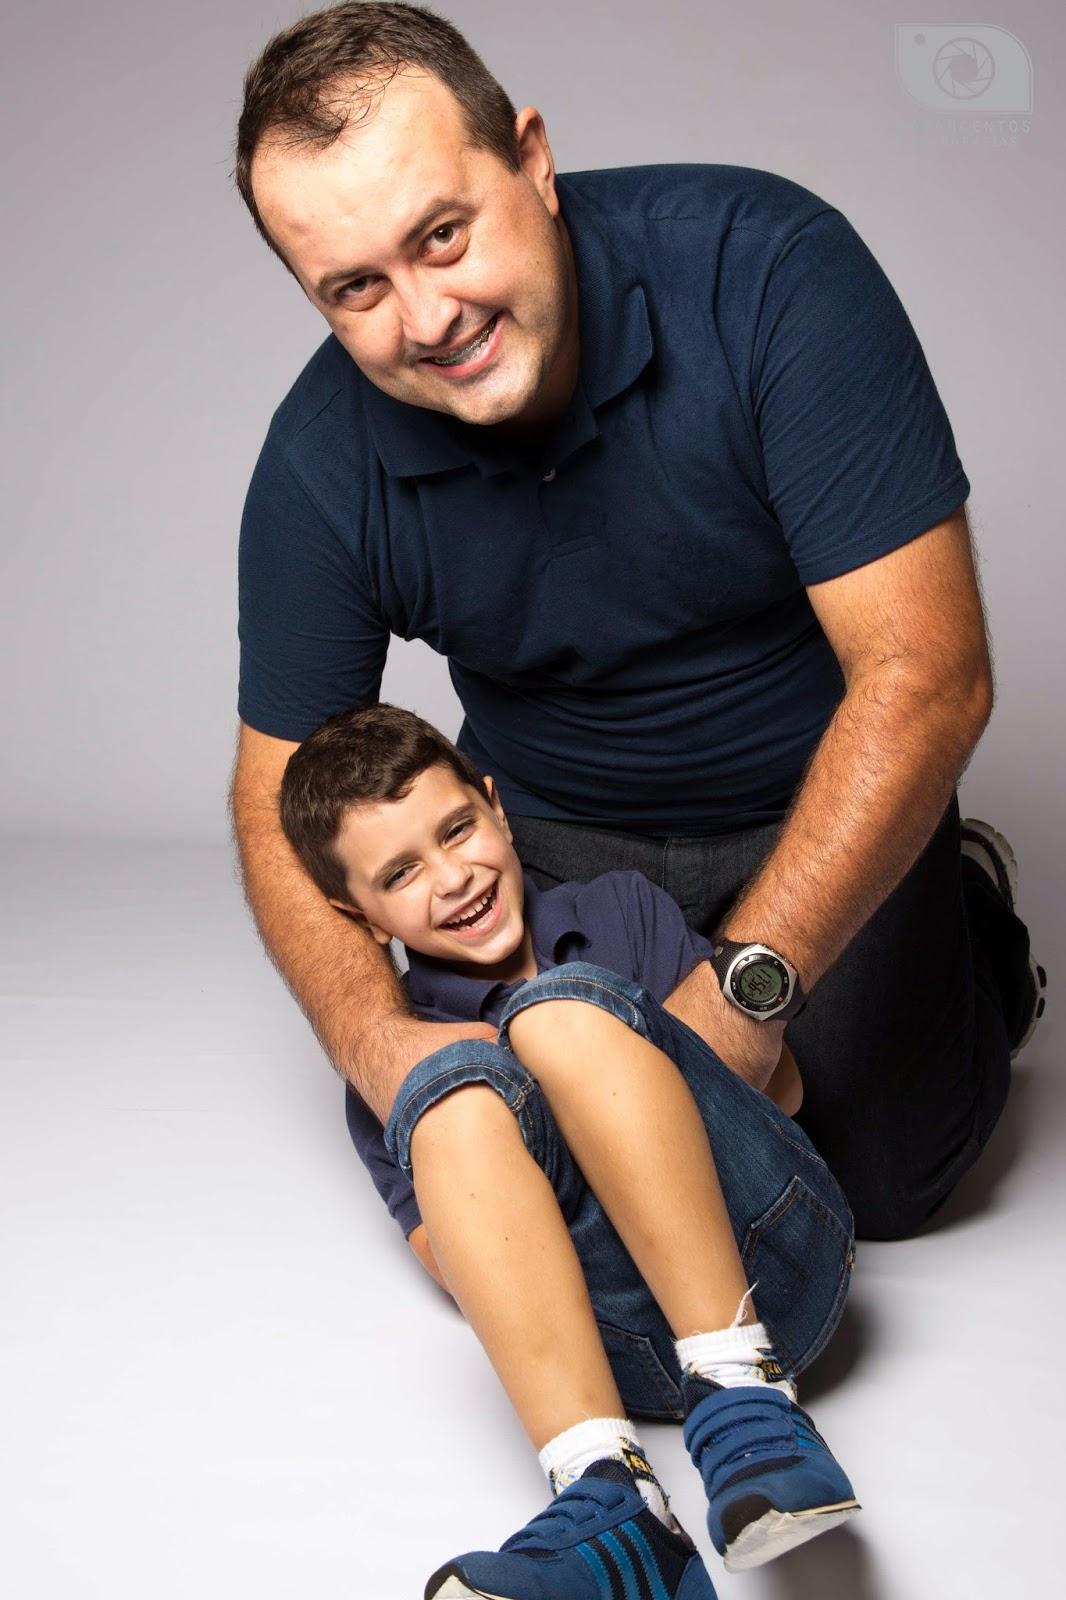 retratos de família em estúdio fotográfico